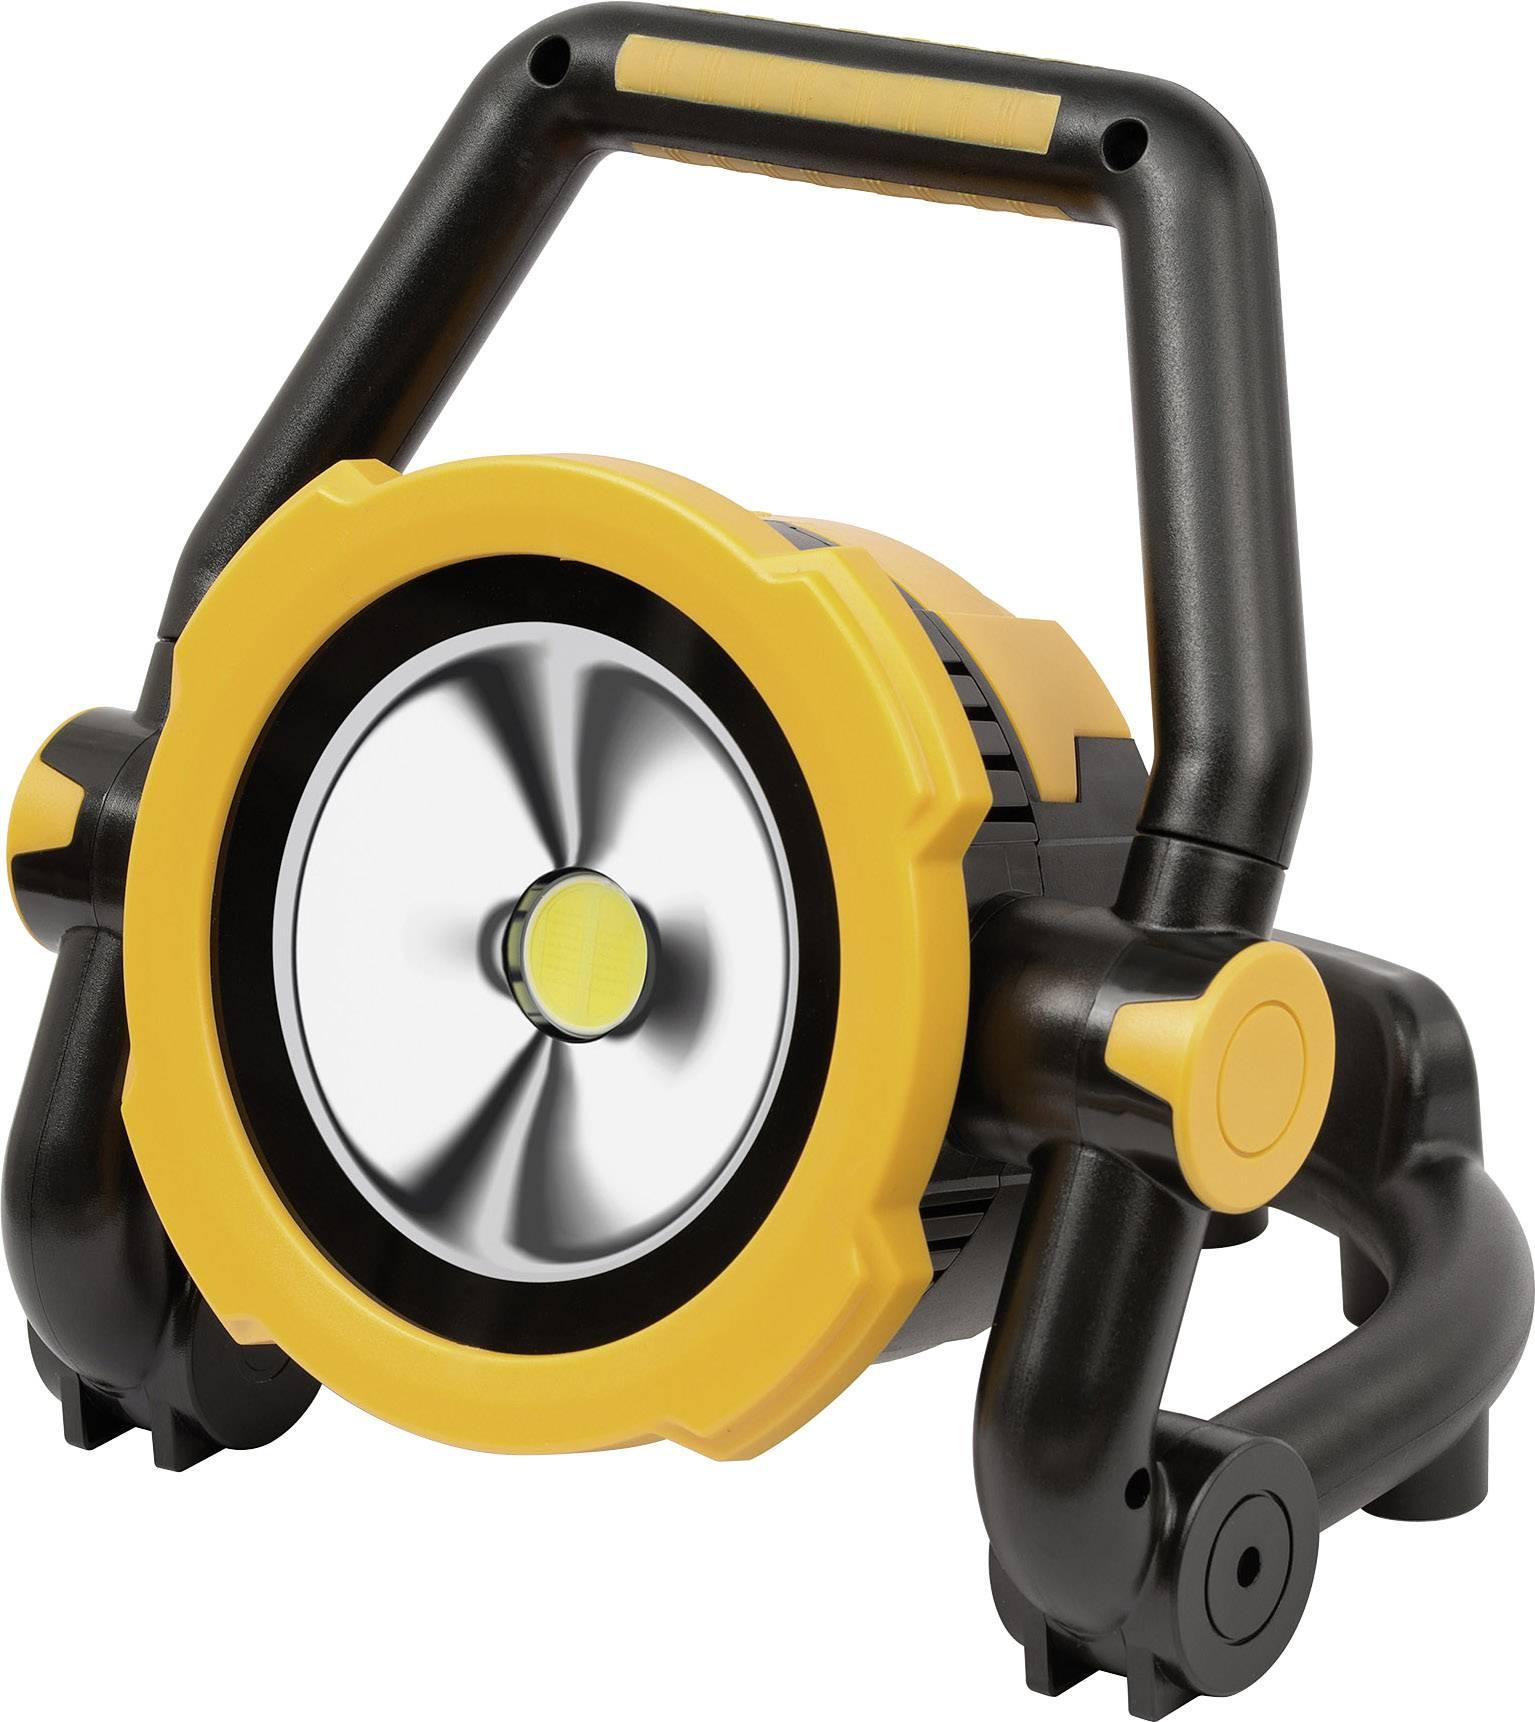 Akumulátorové LED pracovní osvětlení a powerbanka 2 v 1 Brennenstuhl 1171420, 20 W, USB